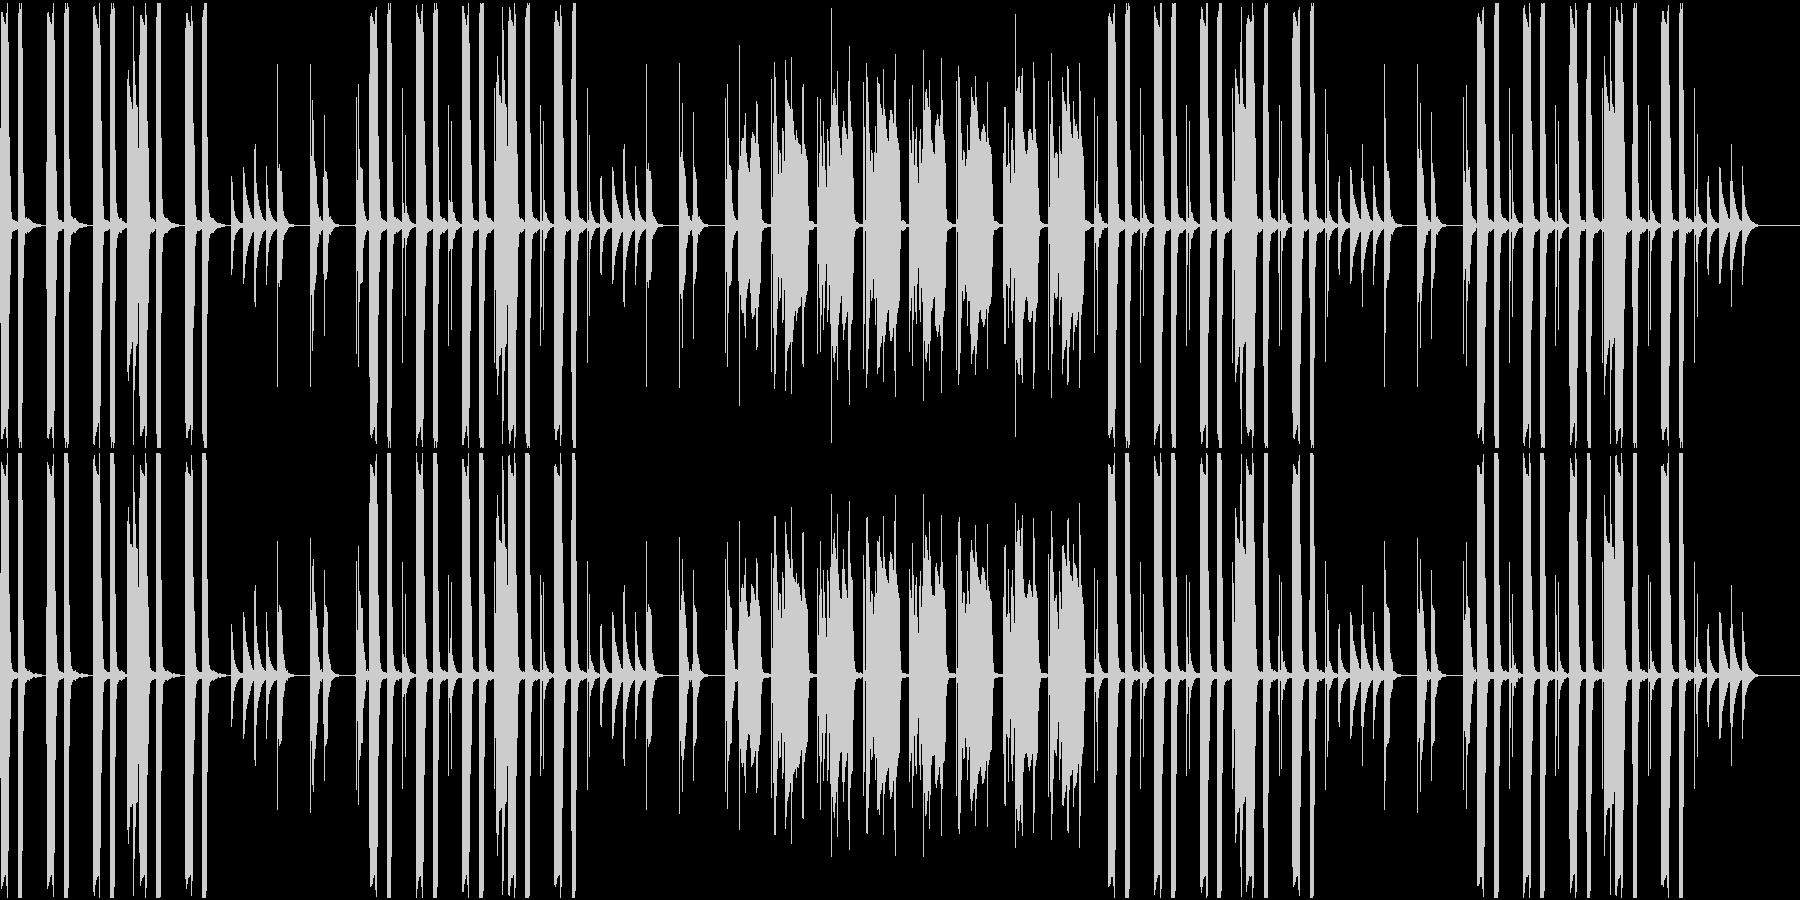 のんびりとした雰囲気のBGMの未再生の波形